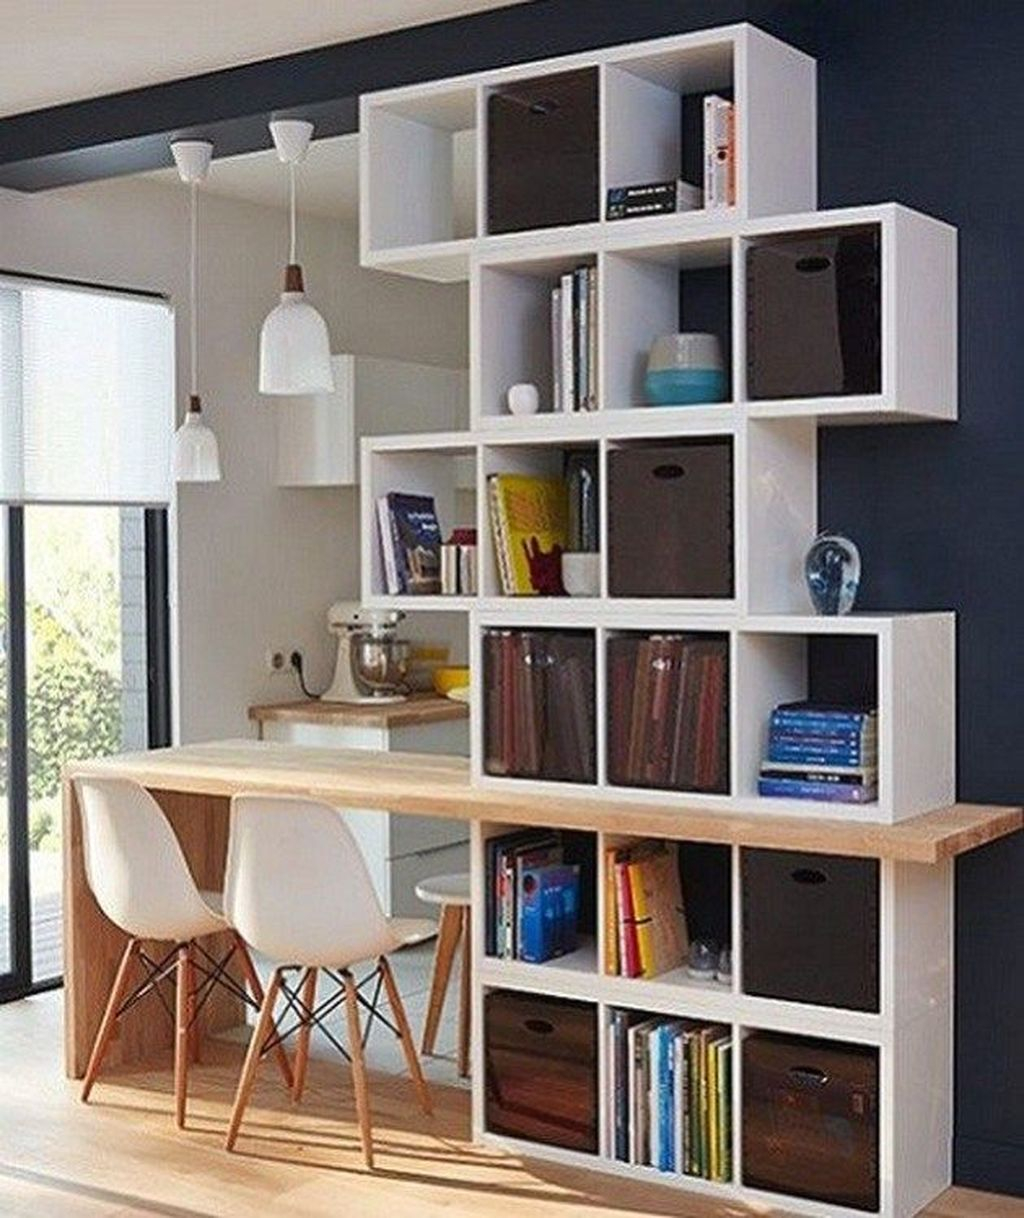 Elegant Bookshelves Decor Ideas That Trending Today 31